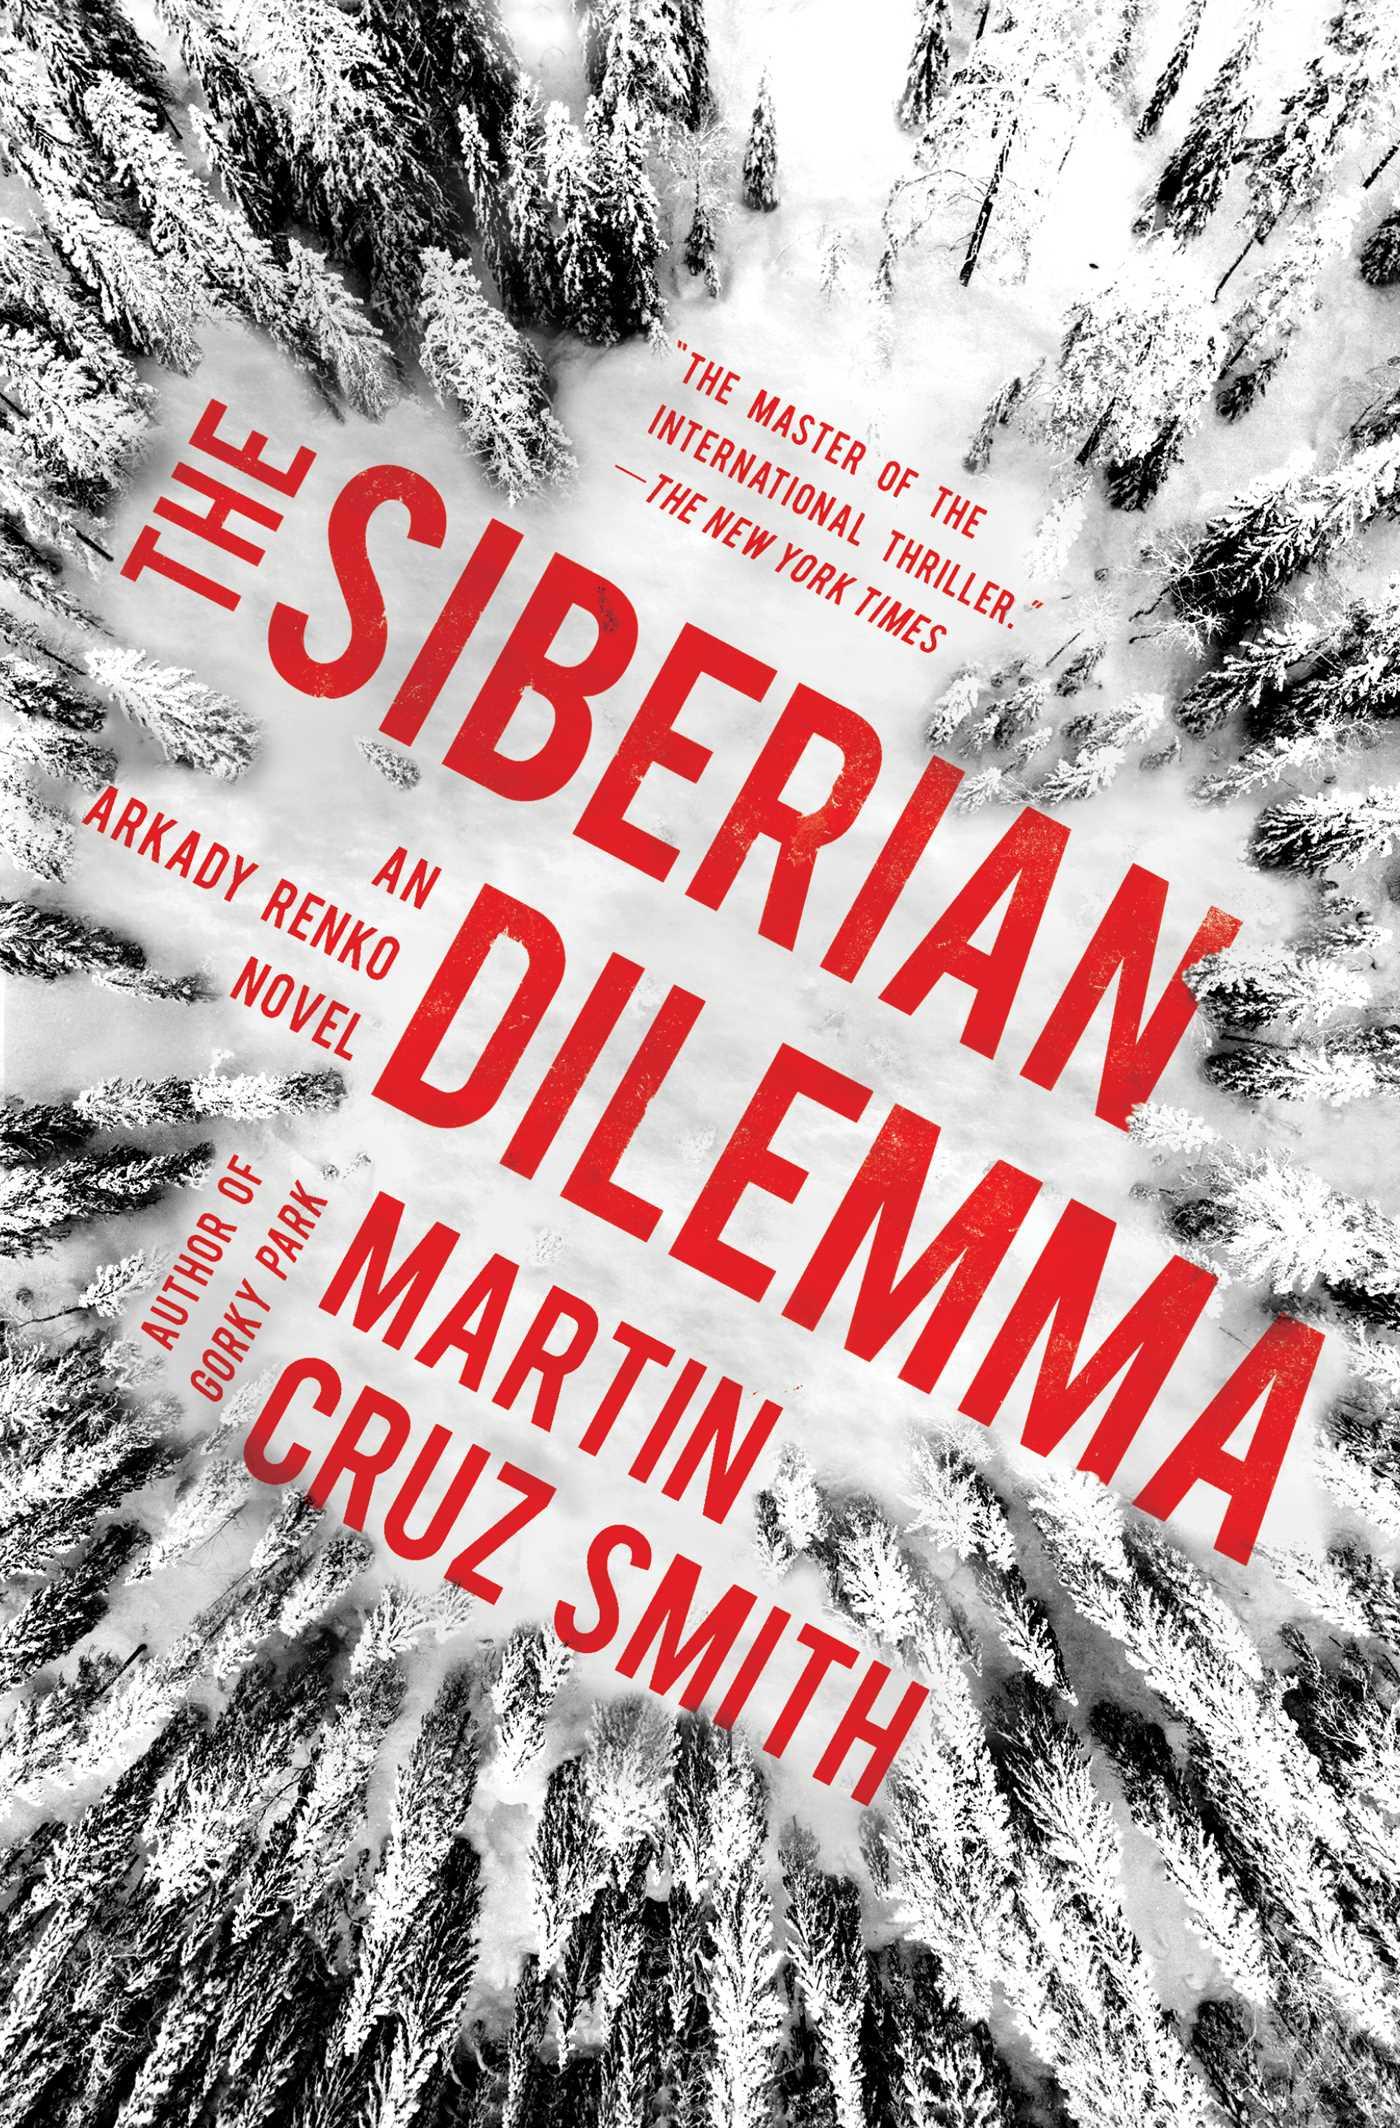 The Siberian Dilemma (Arkady Renko #9)